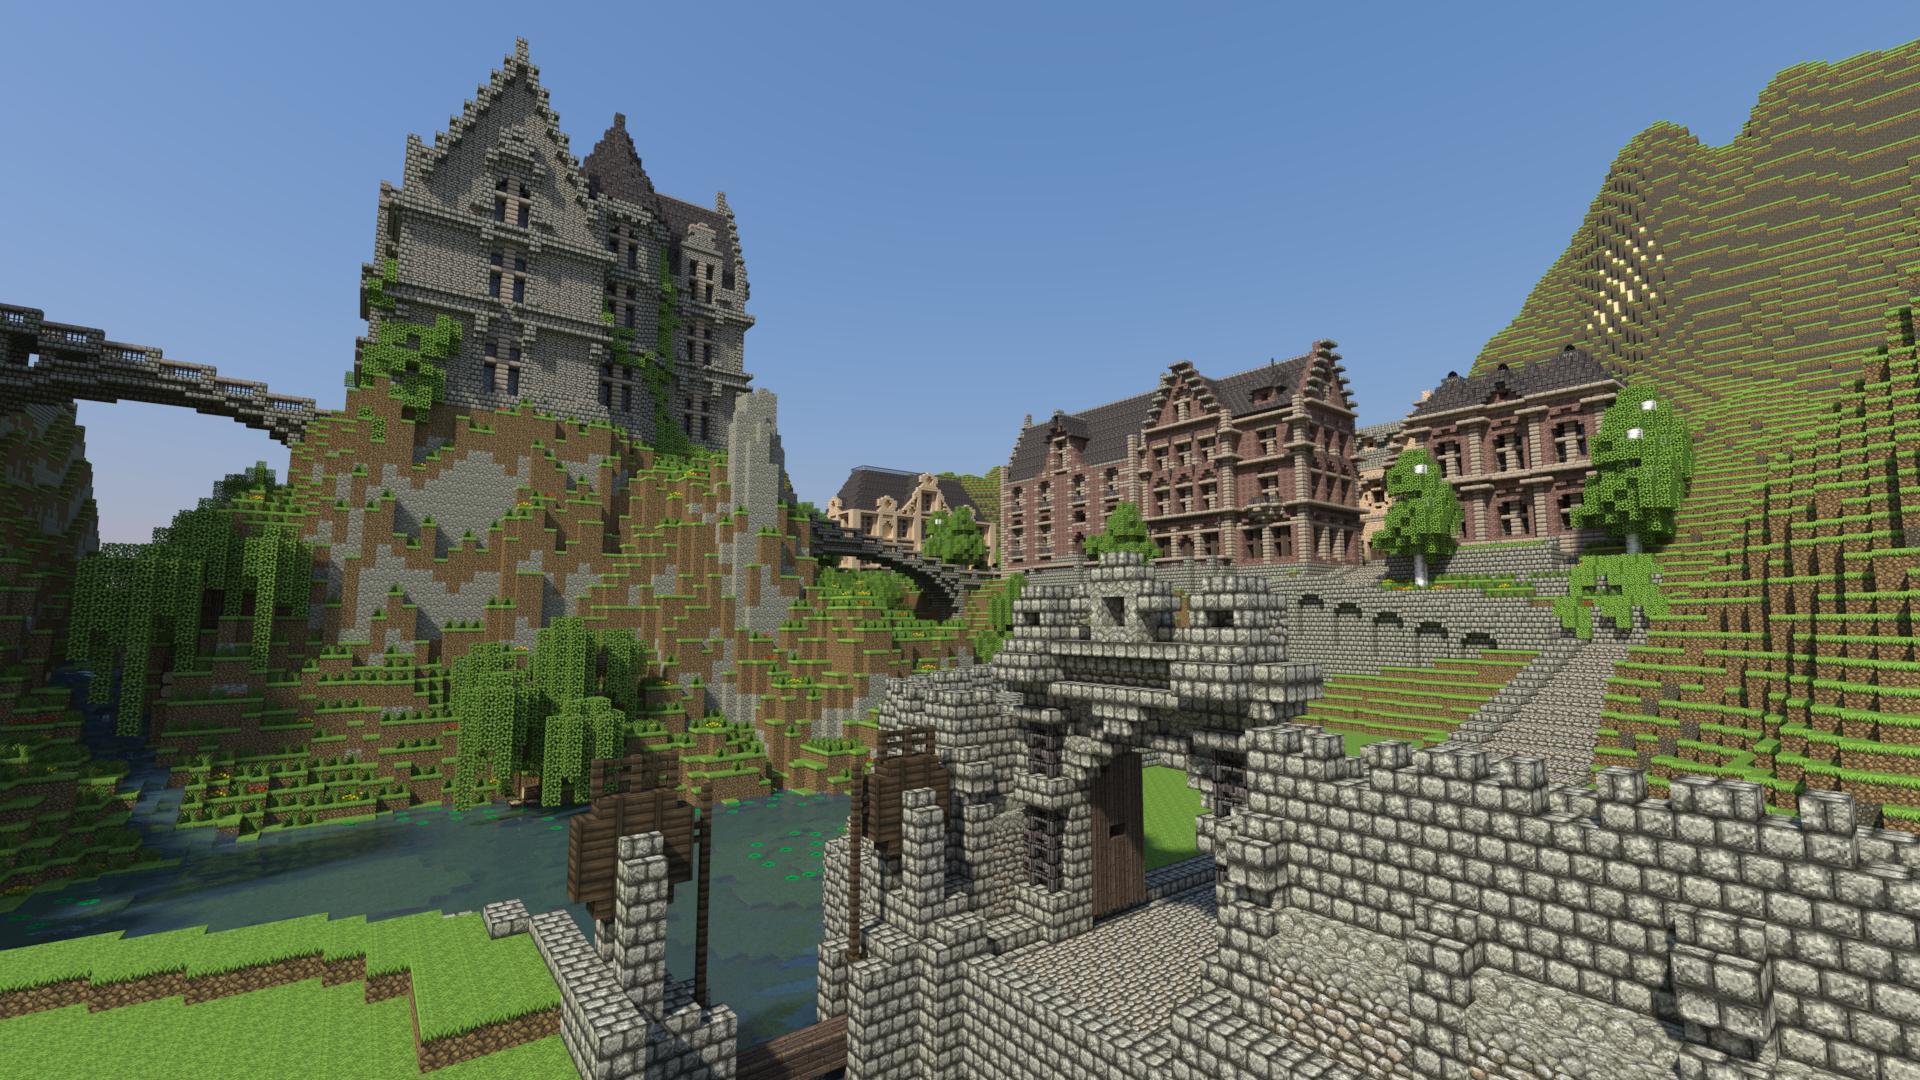 Mundo creado en Minecraft